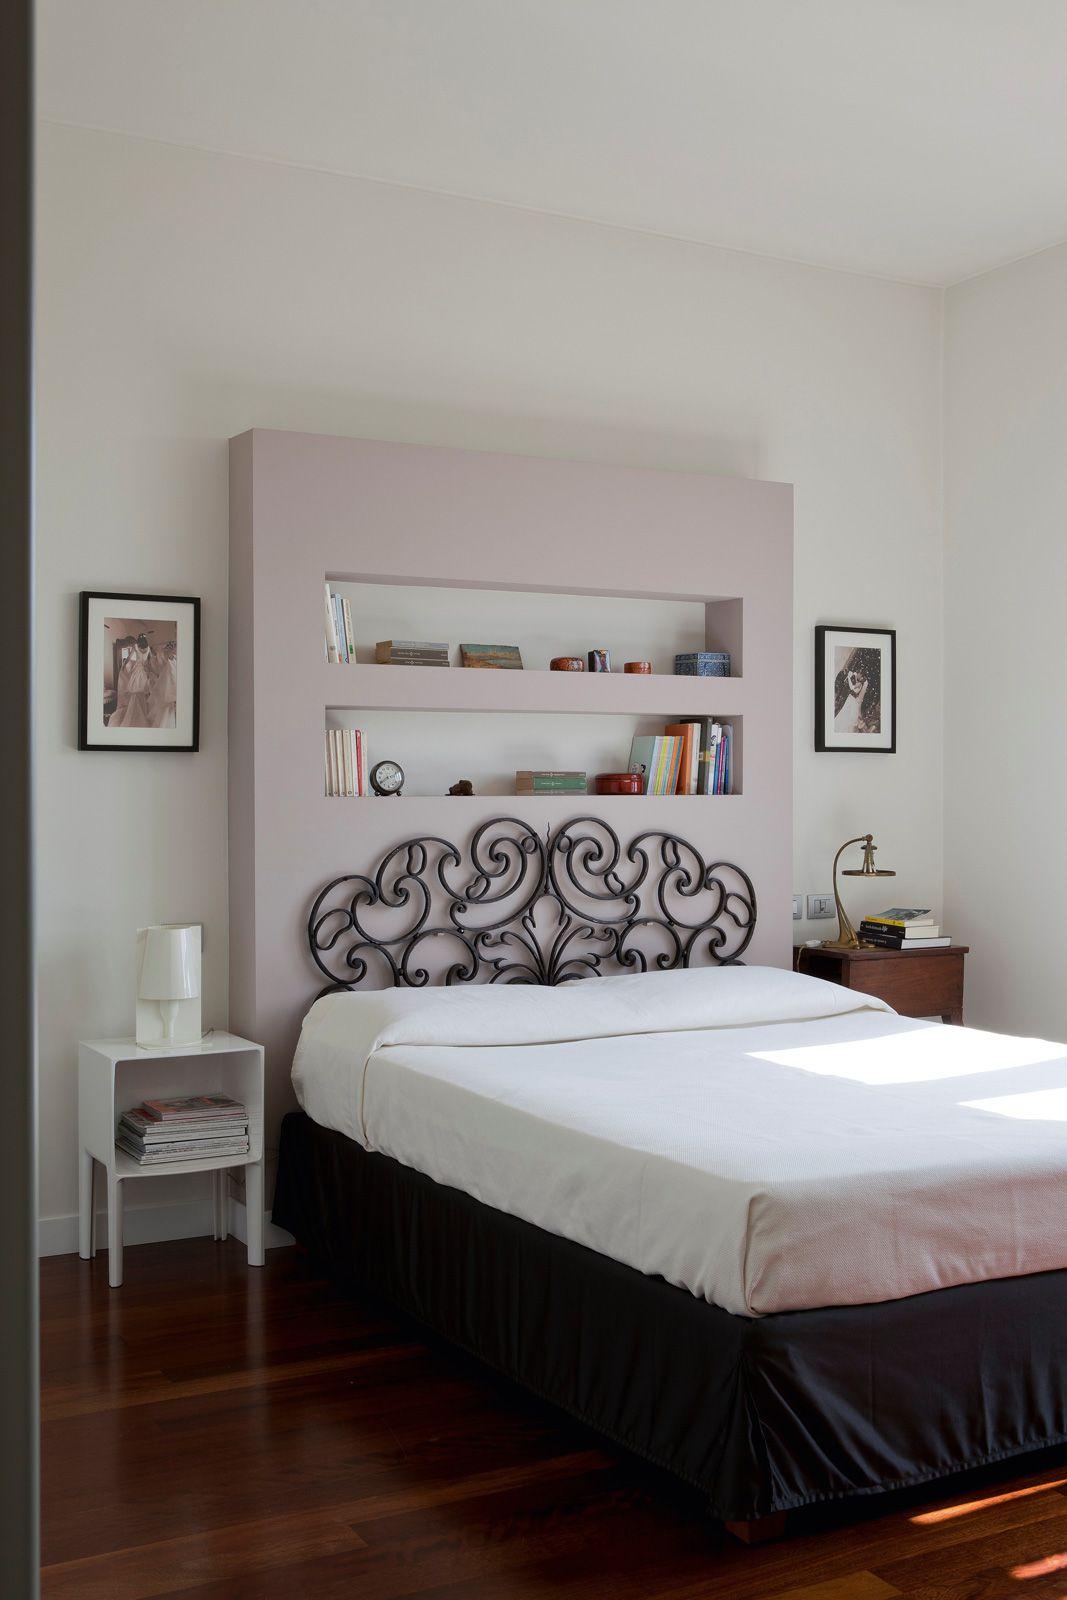 Parete testata letto decorazioni parete camera da letto - Testata letto cartongesso ...